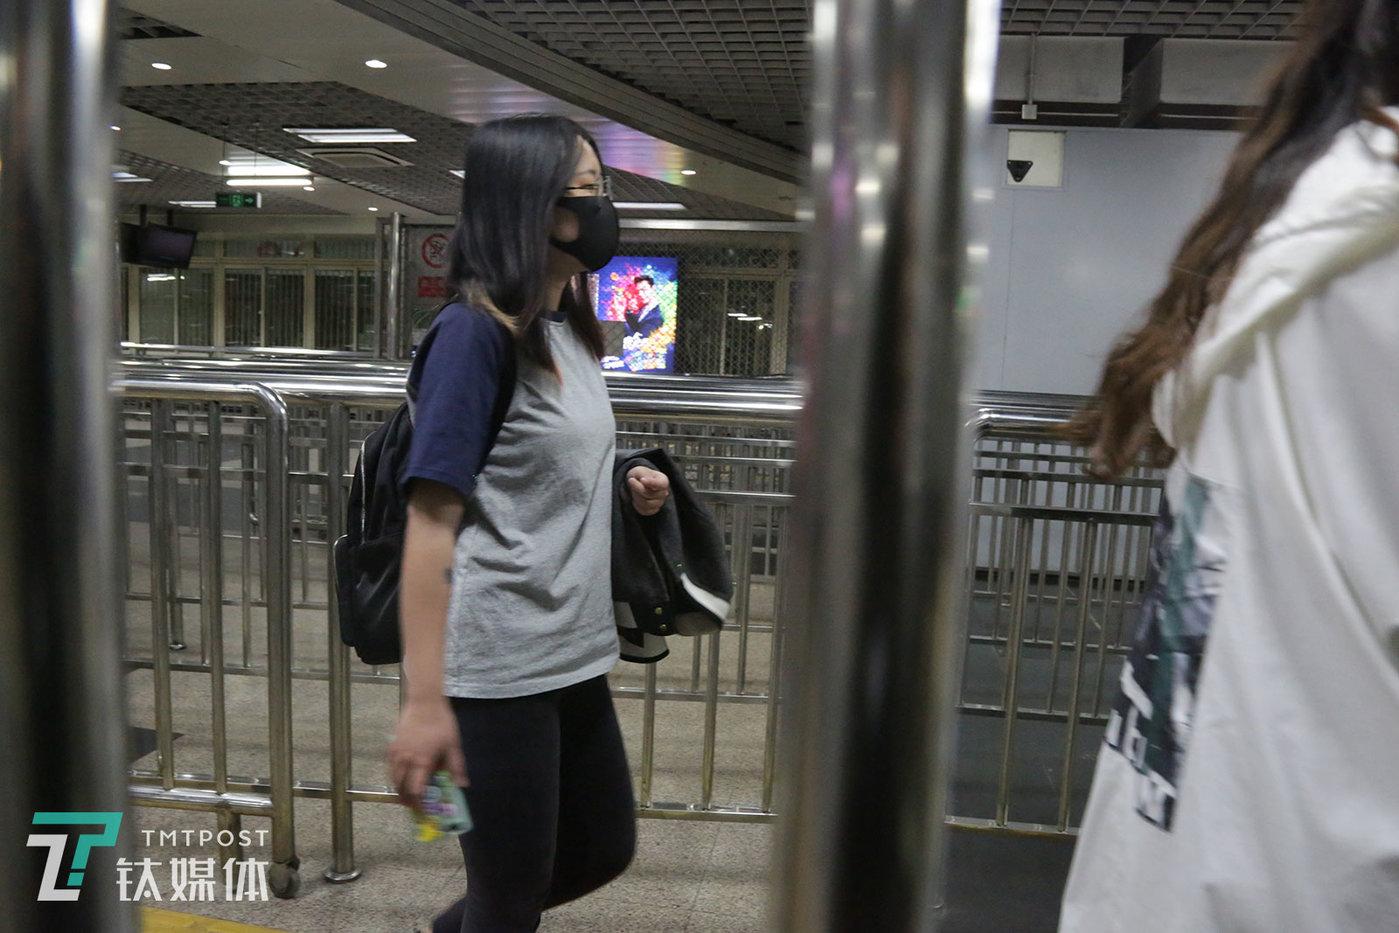 """4月30日22:17,北京,结束加班的贝贝走在回家的换乘地铁站。贝贝24岁,目前在一家游戏公司做策划。她的上一份工作是在影视公司做编剧和策划,用她的话来说,在那家公司自己是""""十分典型的社畜""""。"""